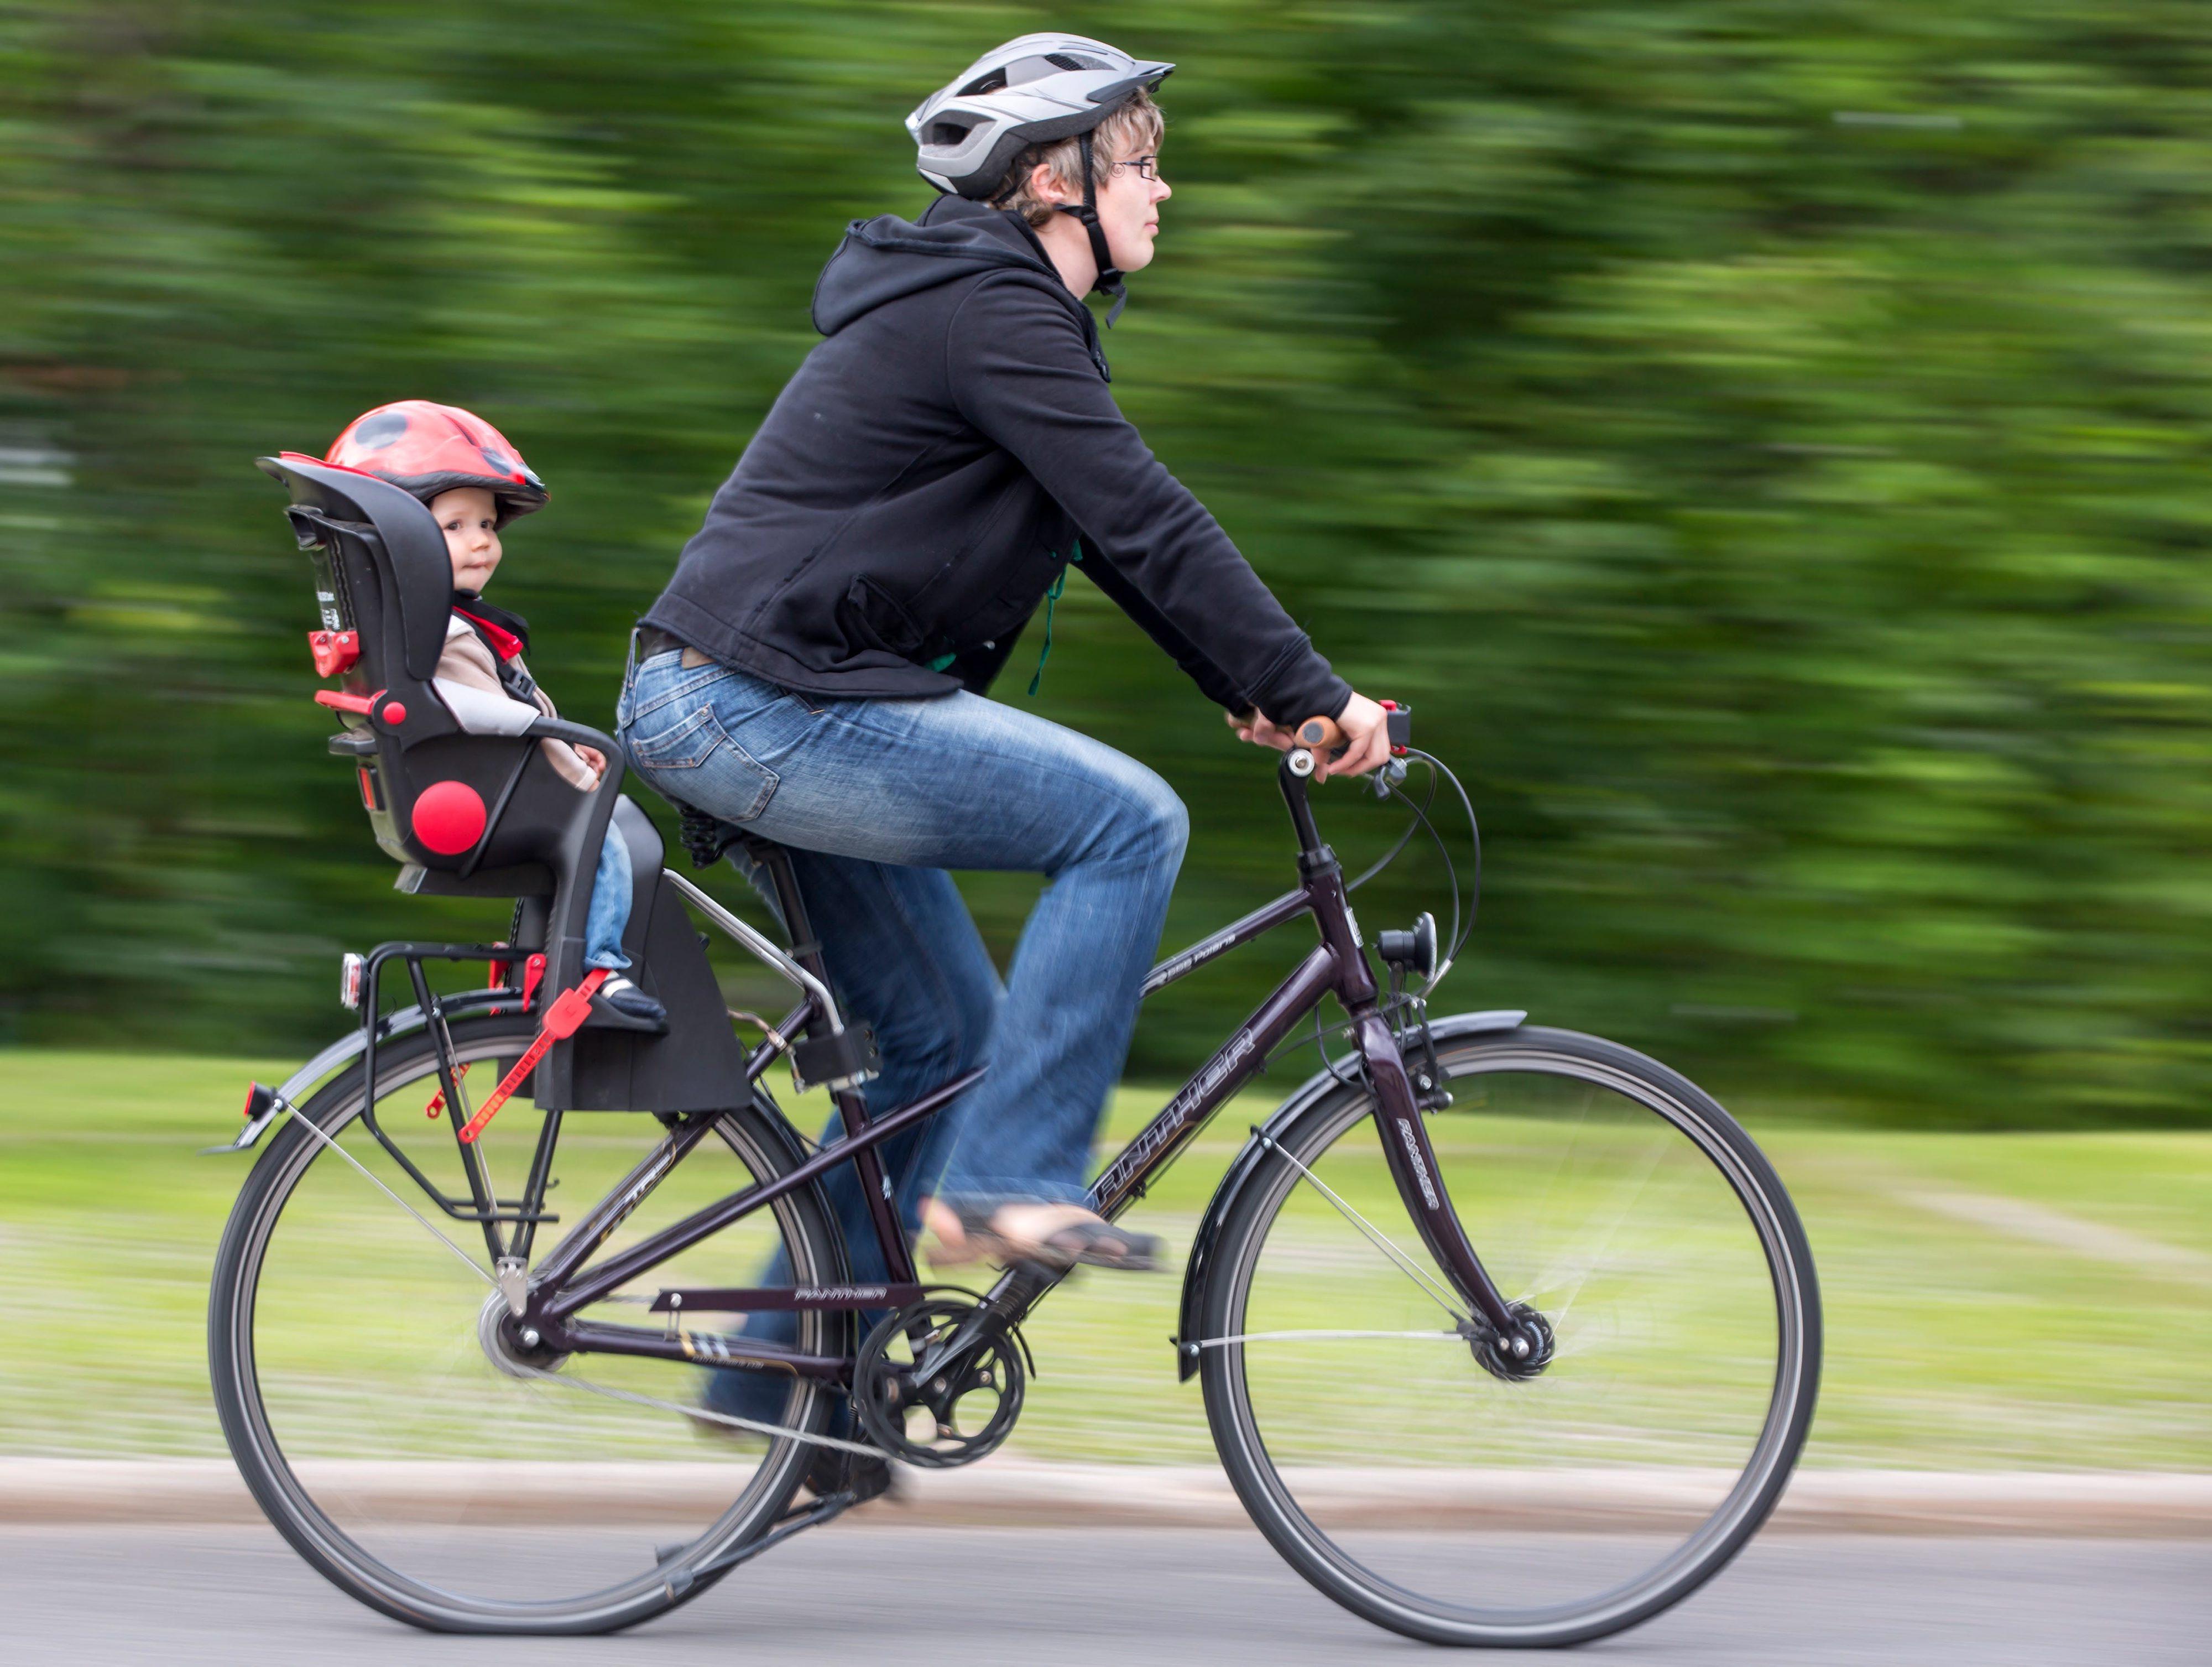 MODEL RELEASED - Eine Mutter fährt am 27.06.2012 inIlmenau mit dem Rad, ihr neun Monate altes Kind Anton sitzt auf dem Fahrradsitz. Foto: Michael Reichel